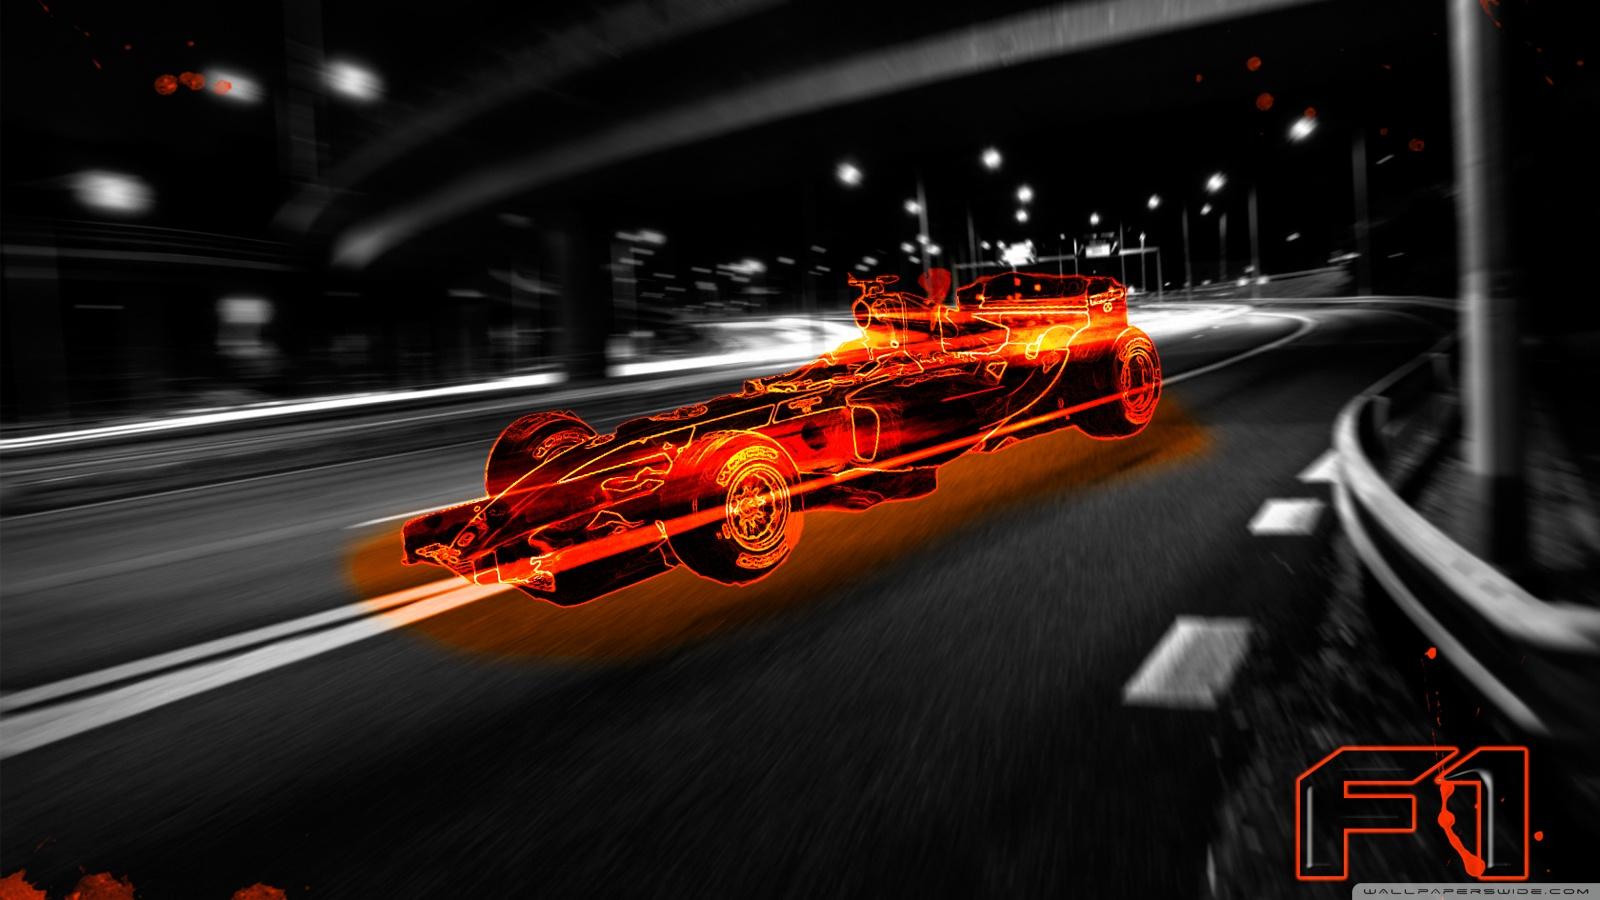 Car Sport Wallpaper Full Hd Ghost F1 4k Hd Desktop Wallpaper For 4k Ultra Hd Tv